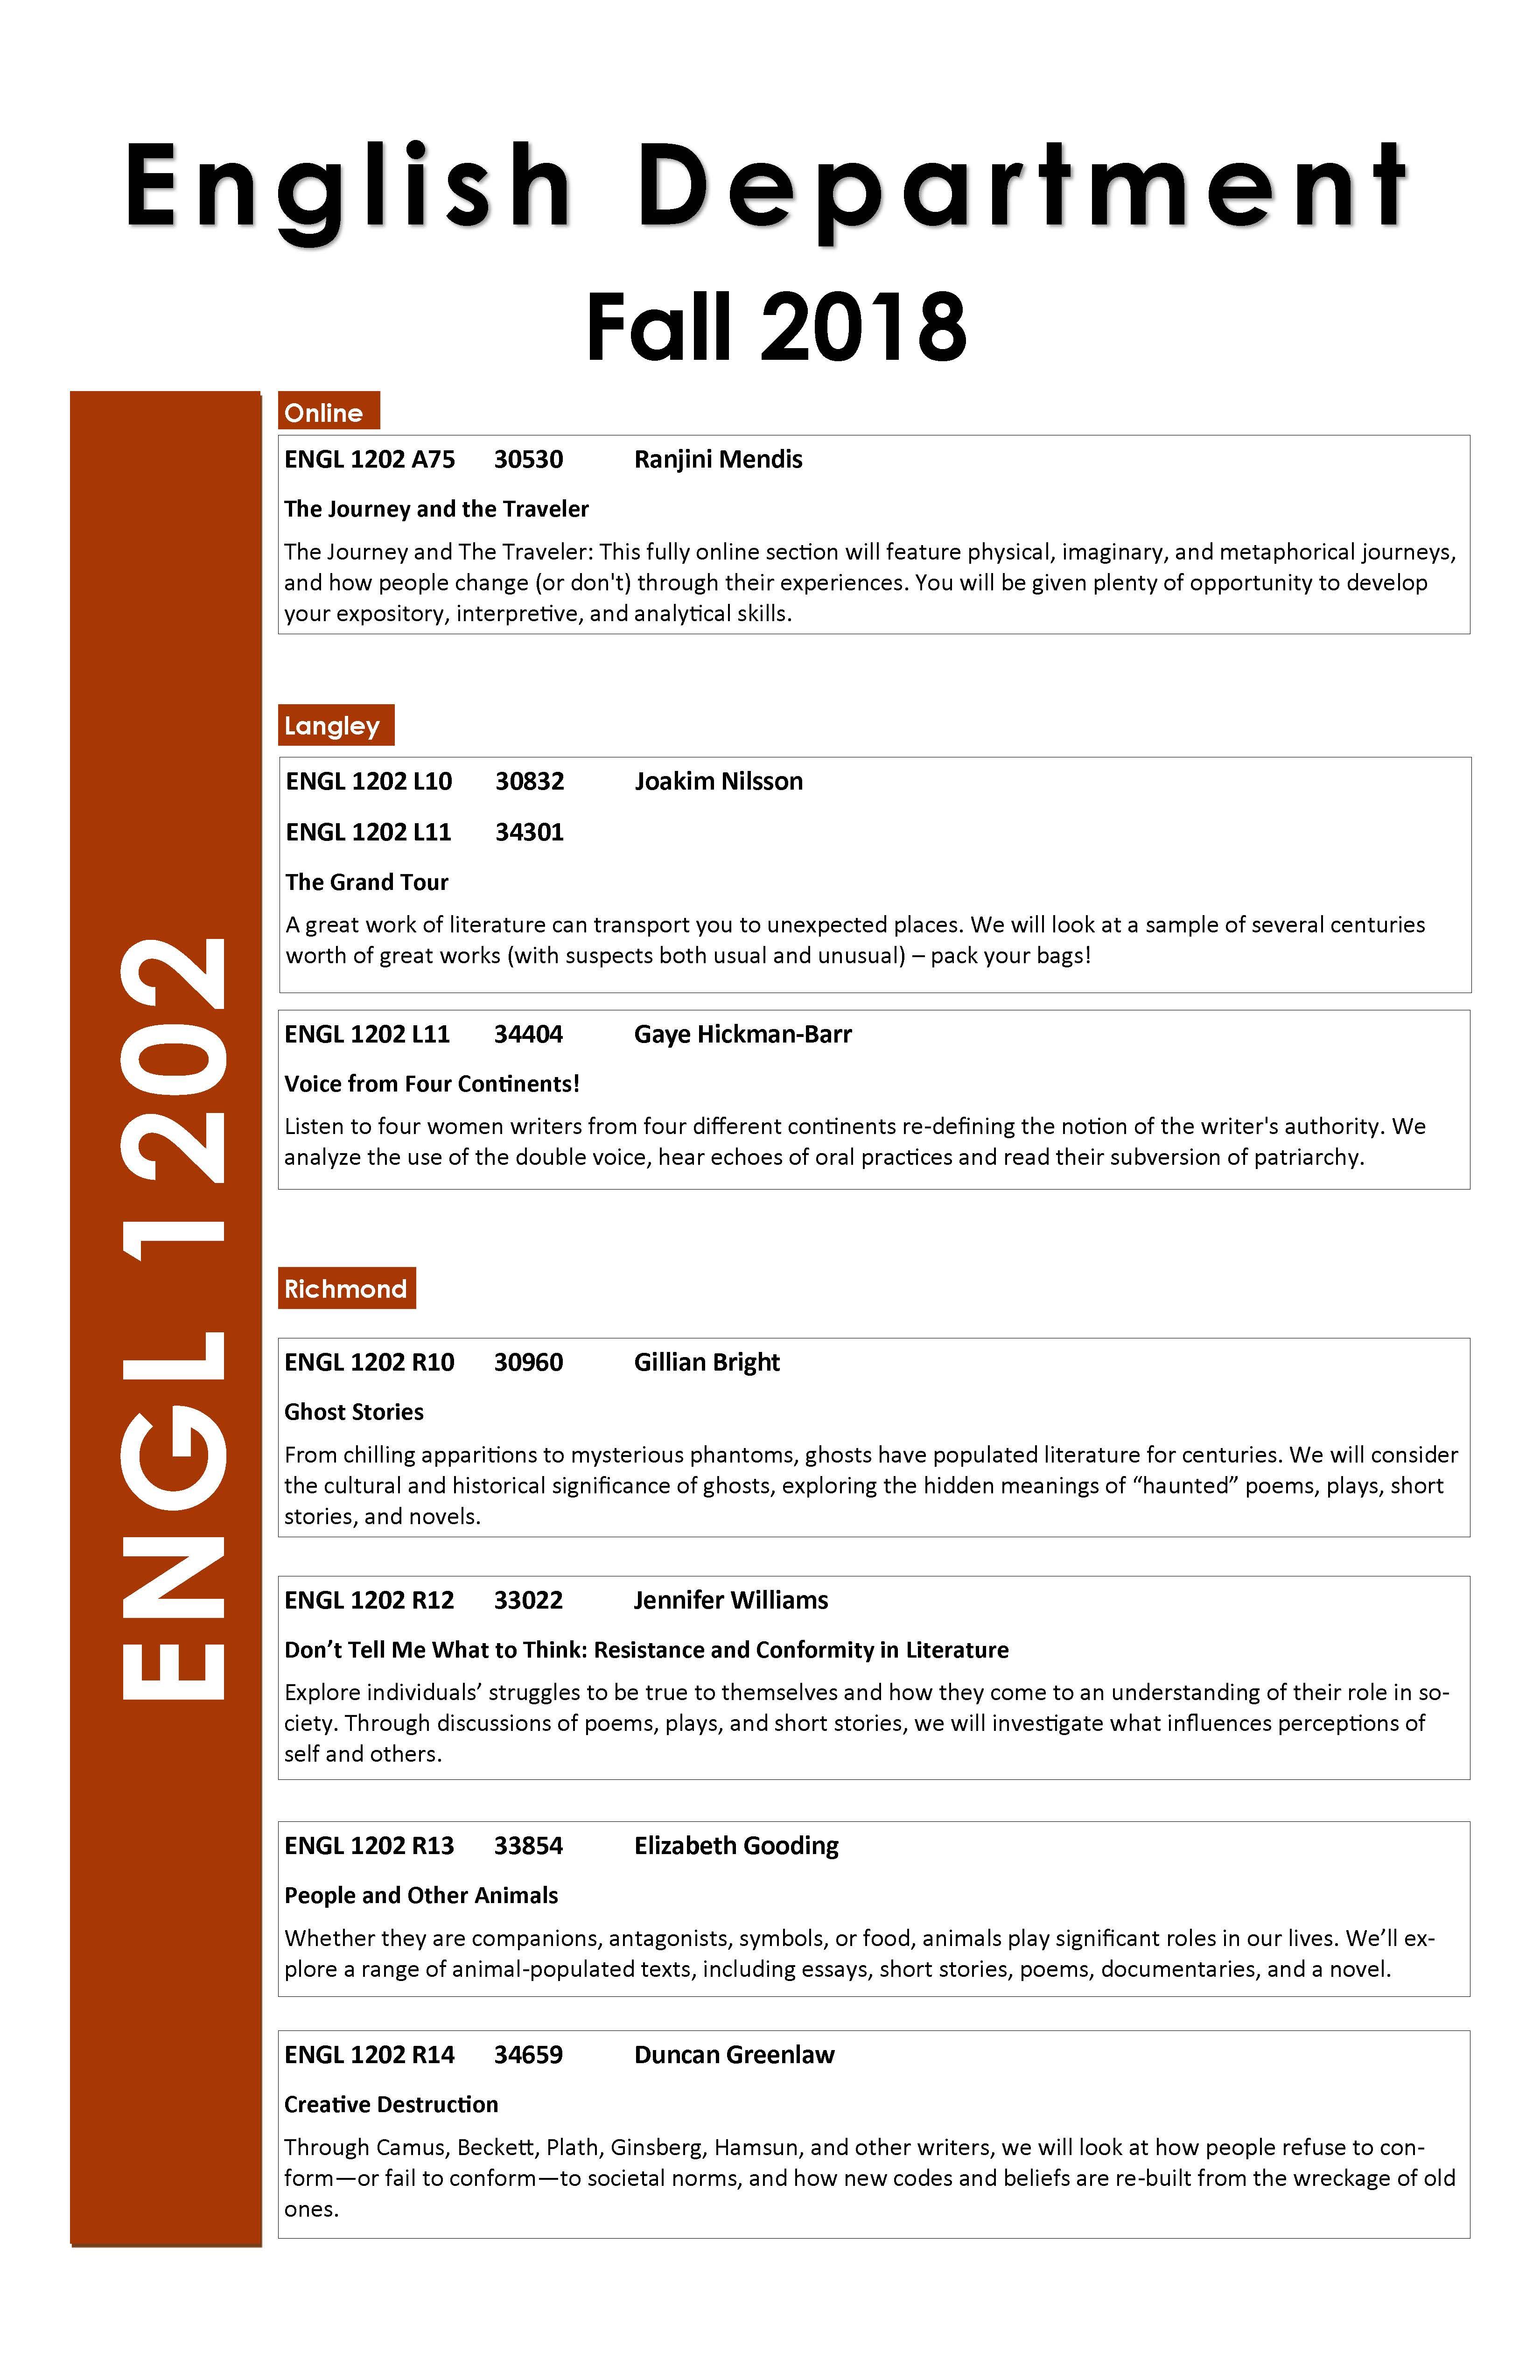 Fall 2018 1200-level Courses